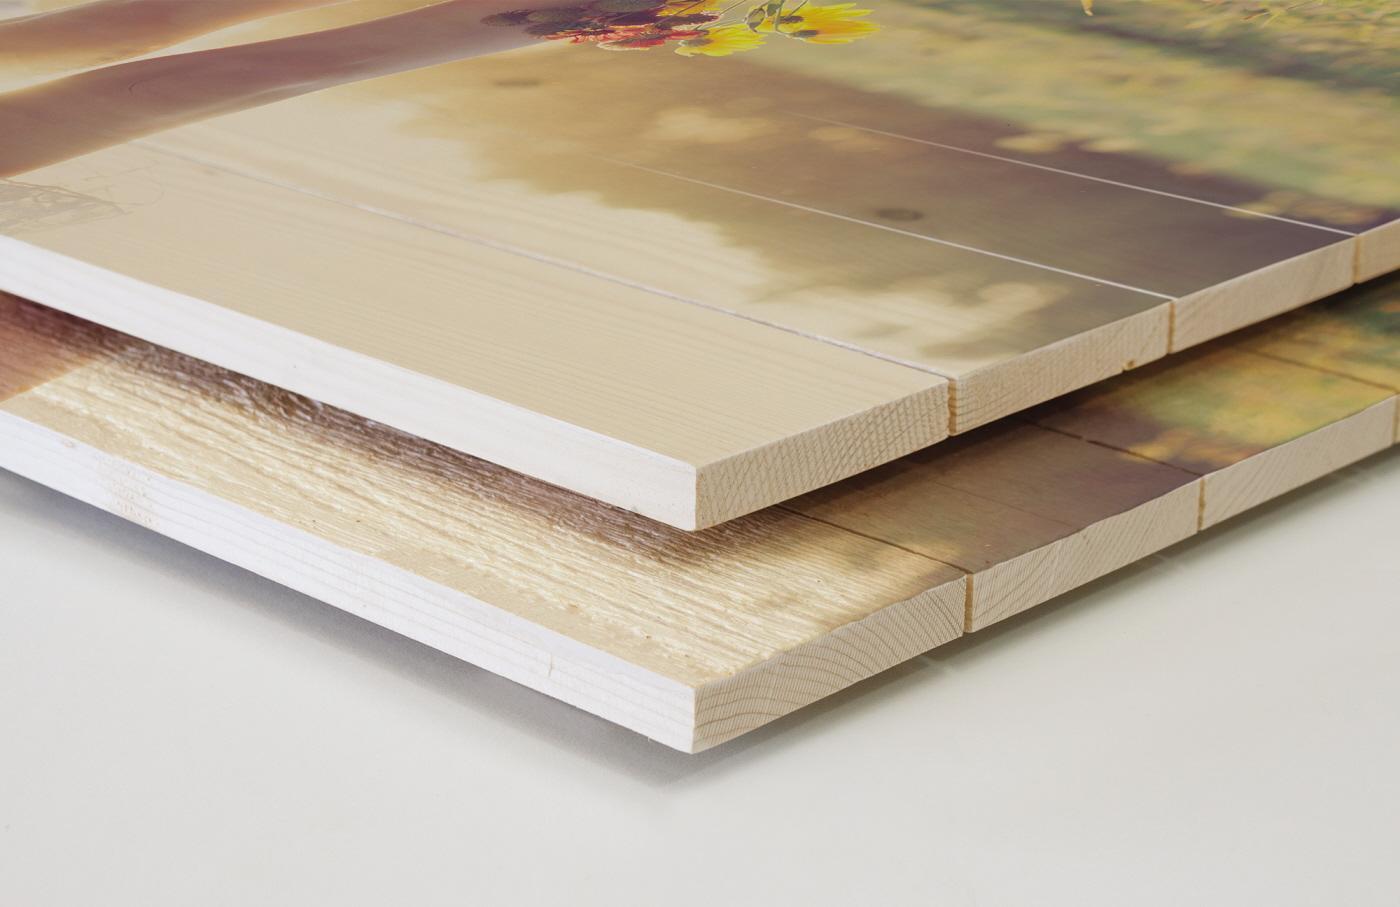 fotodruck auf holz albelli erweitert seinen druckdienst digitalphoto. Black Bedroom Furniture Sets. Home Design Ideas